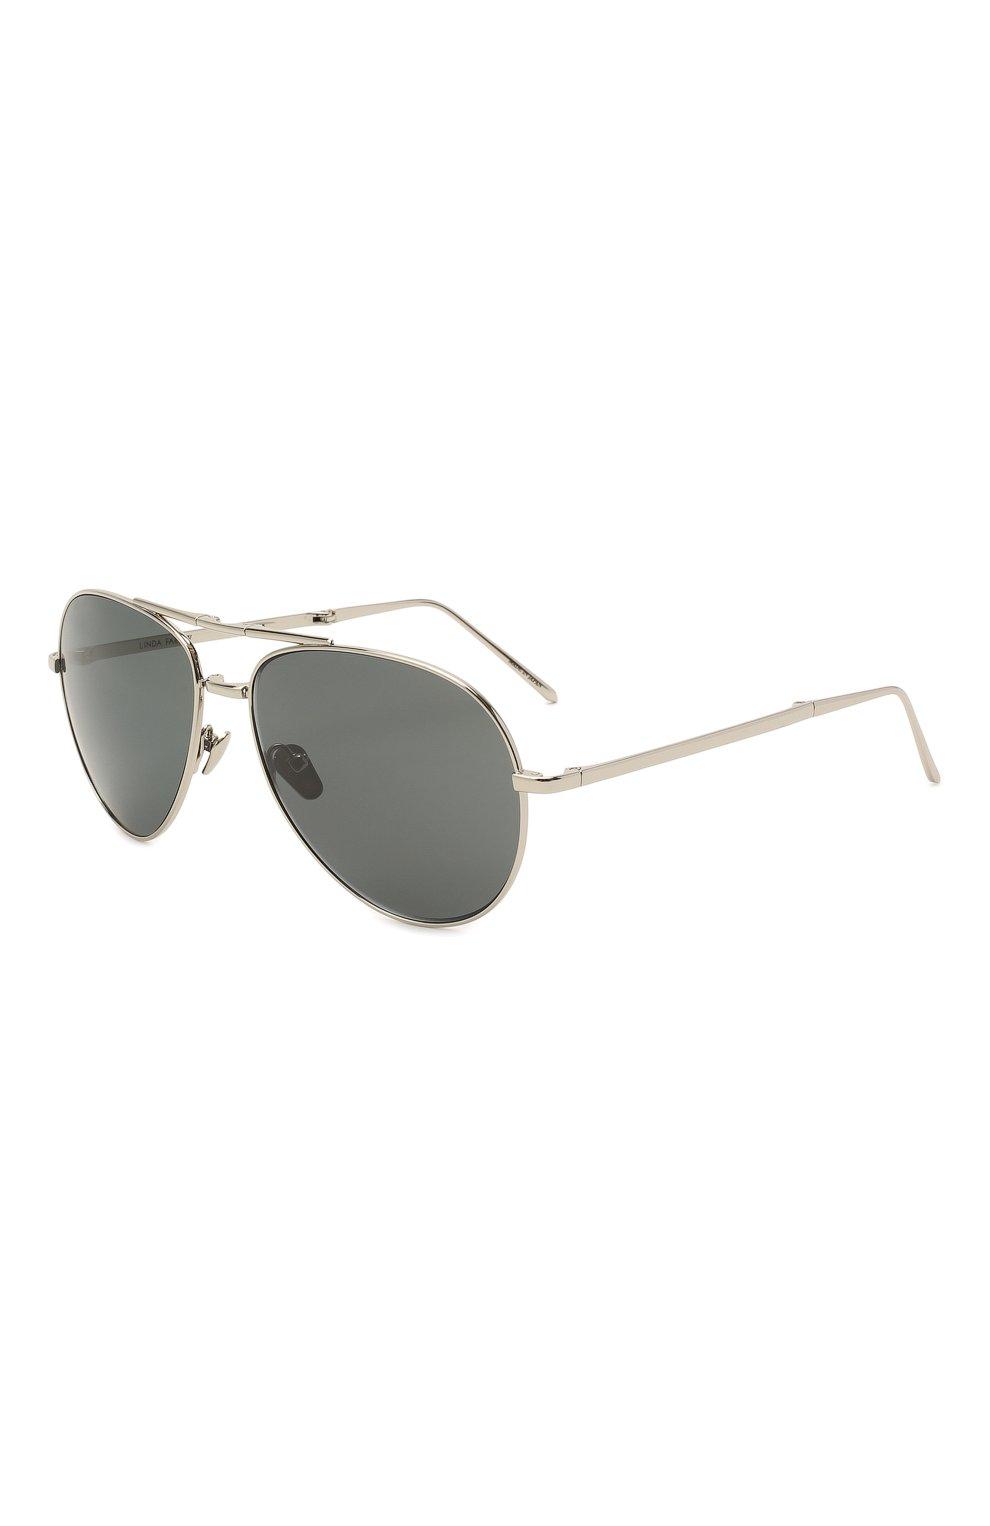 Женские солнцезащитные очки LINDA FARROW серебряного цвета, арт. LFL518C5 SUN | Фото 1